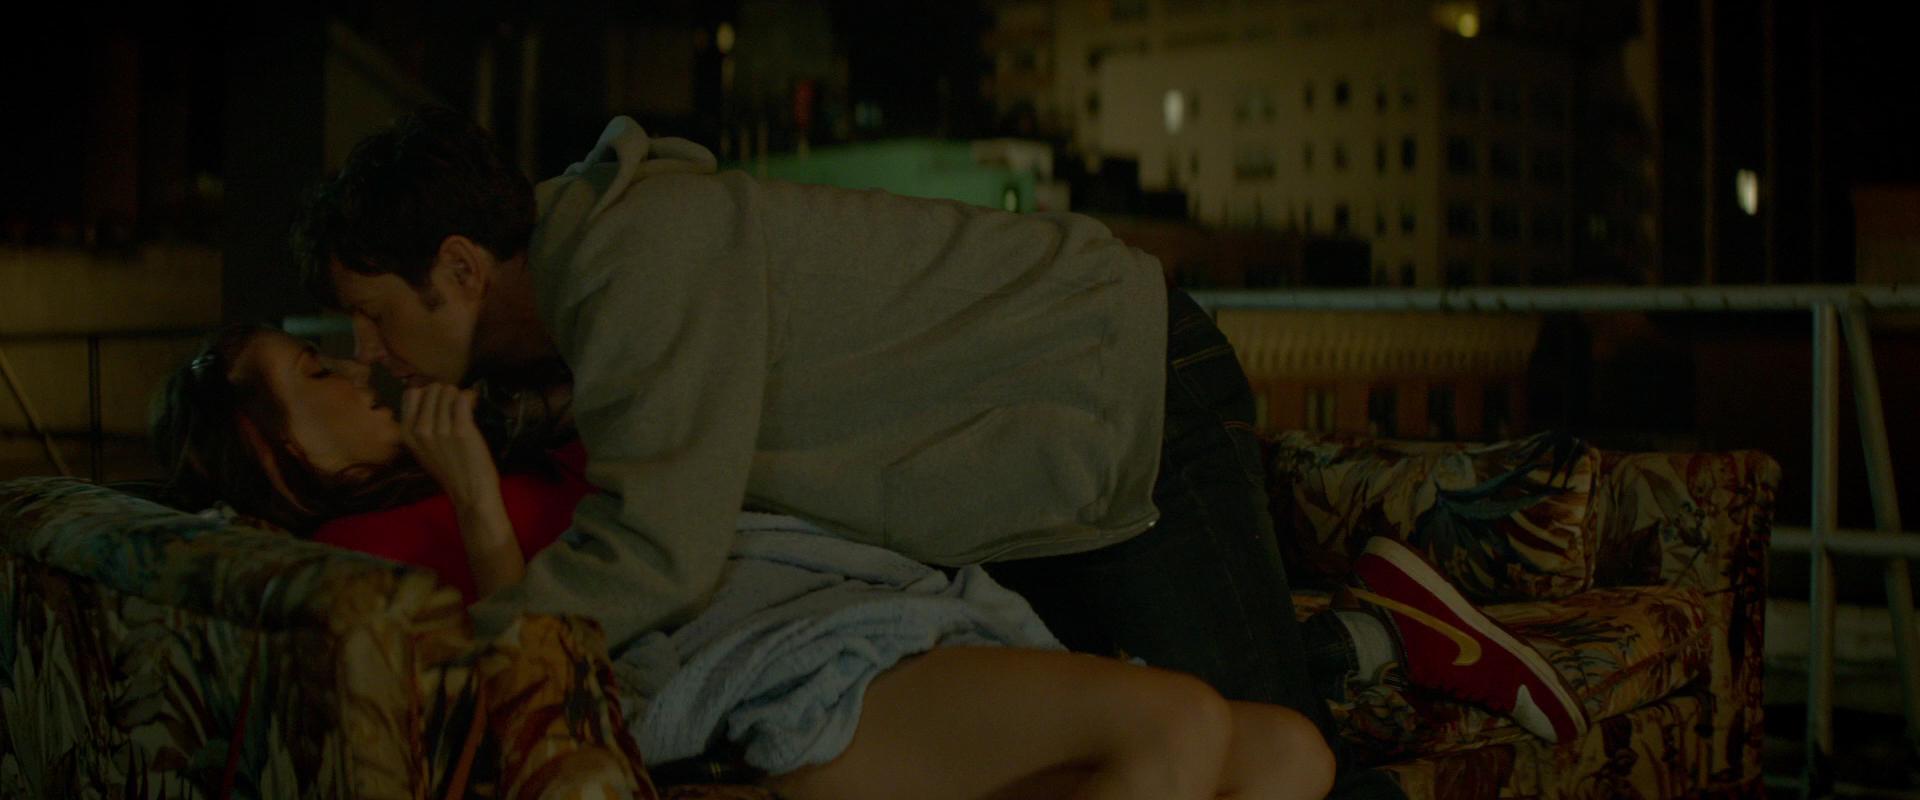 Смотреть фильм секс без обязательств Всё